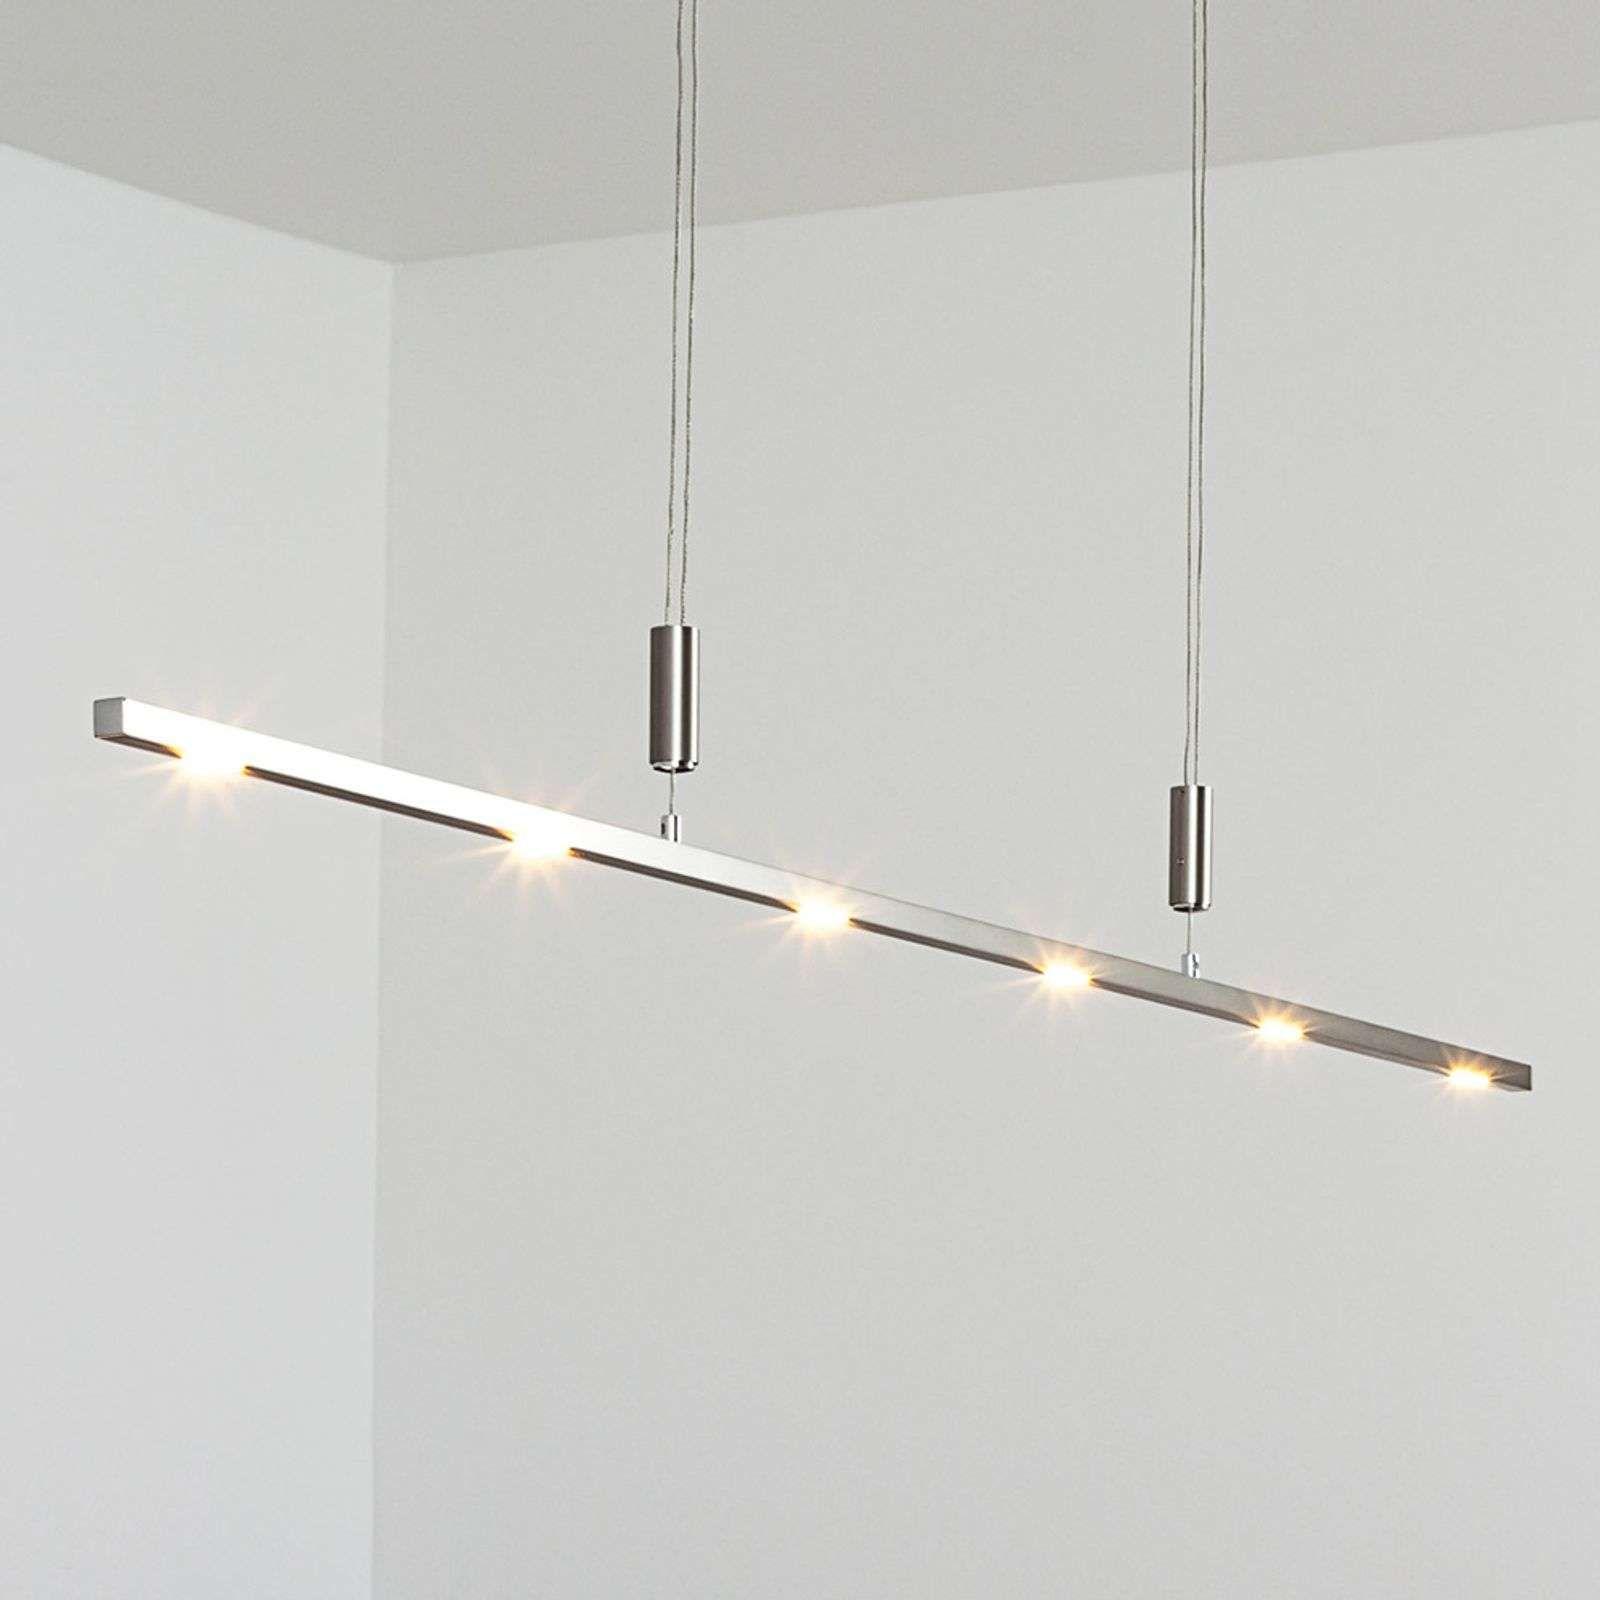 Lampen Für Esstisch Led